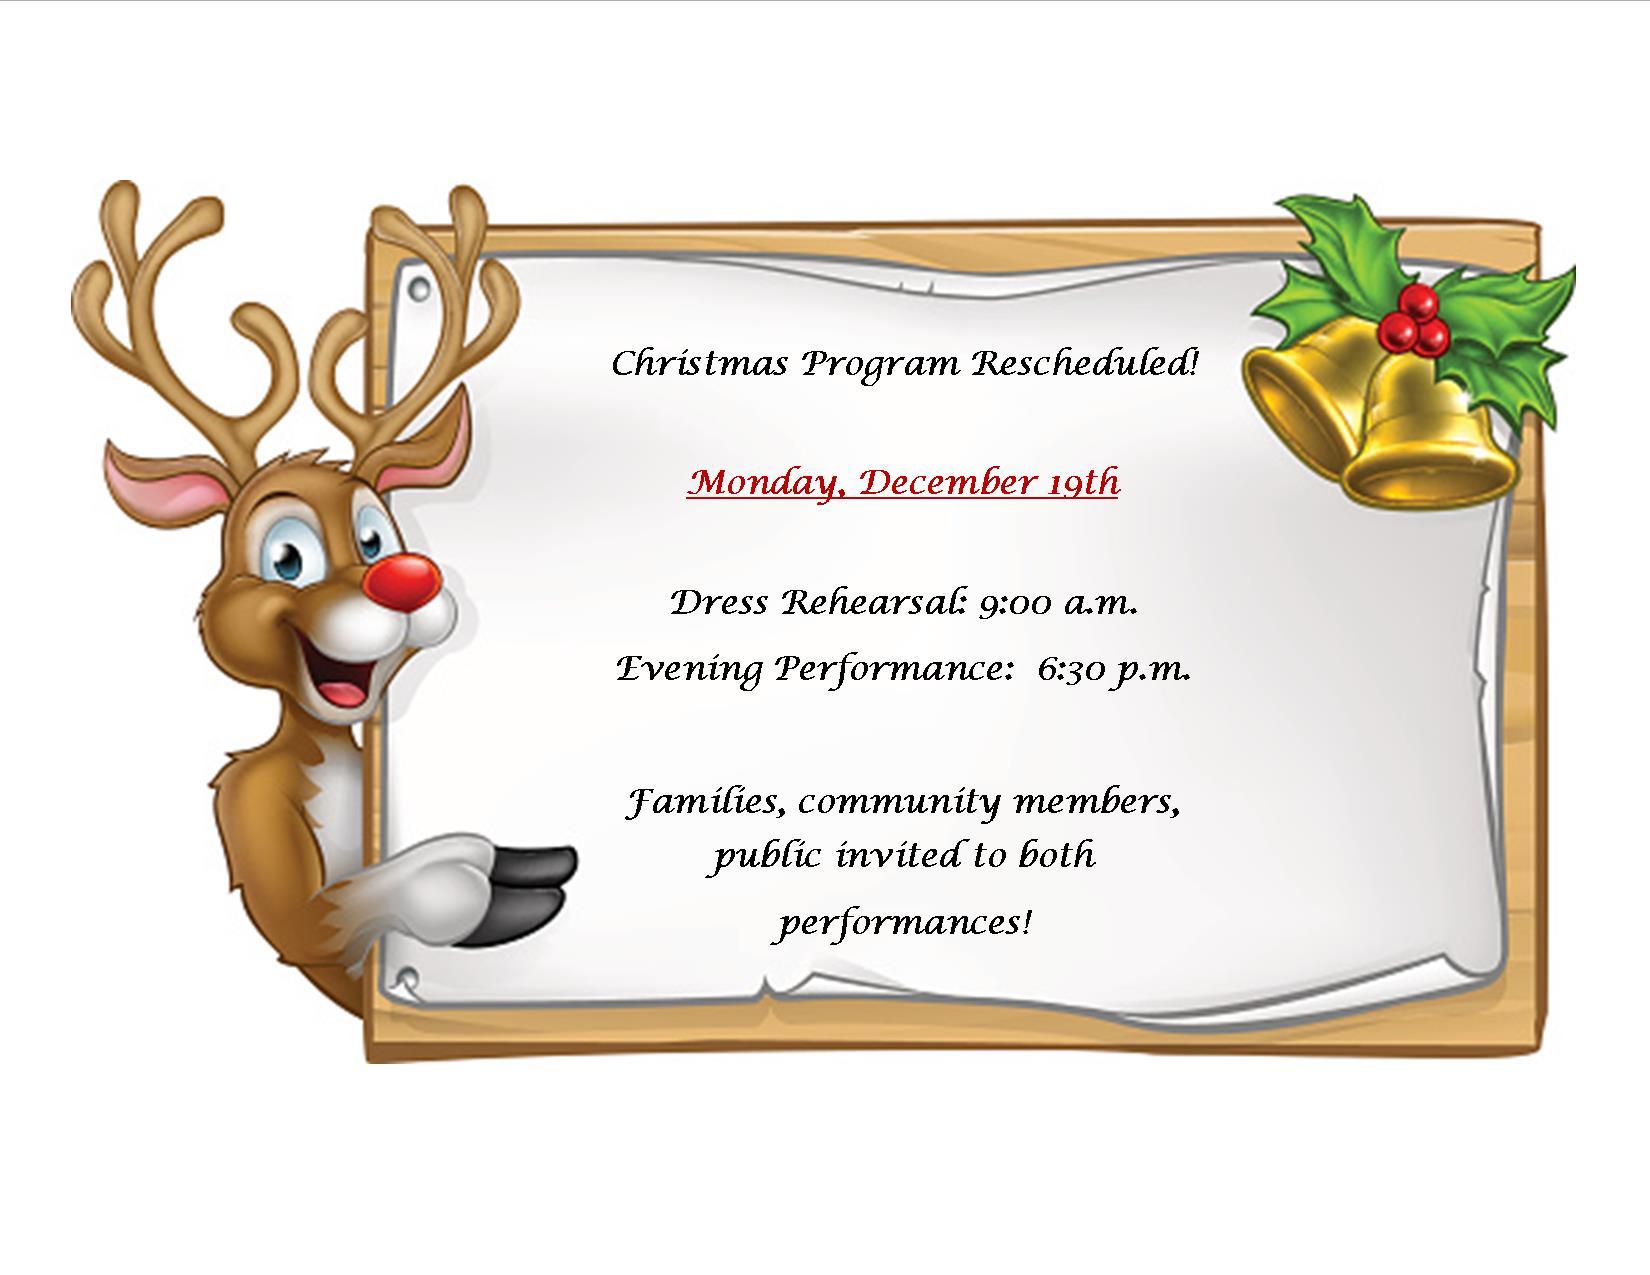 christmas program rescheduled